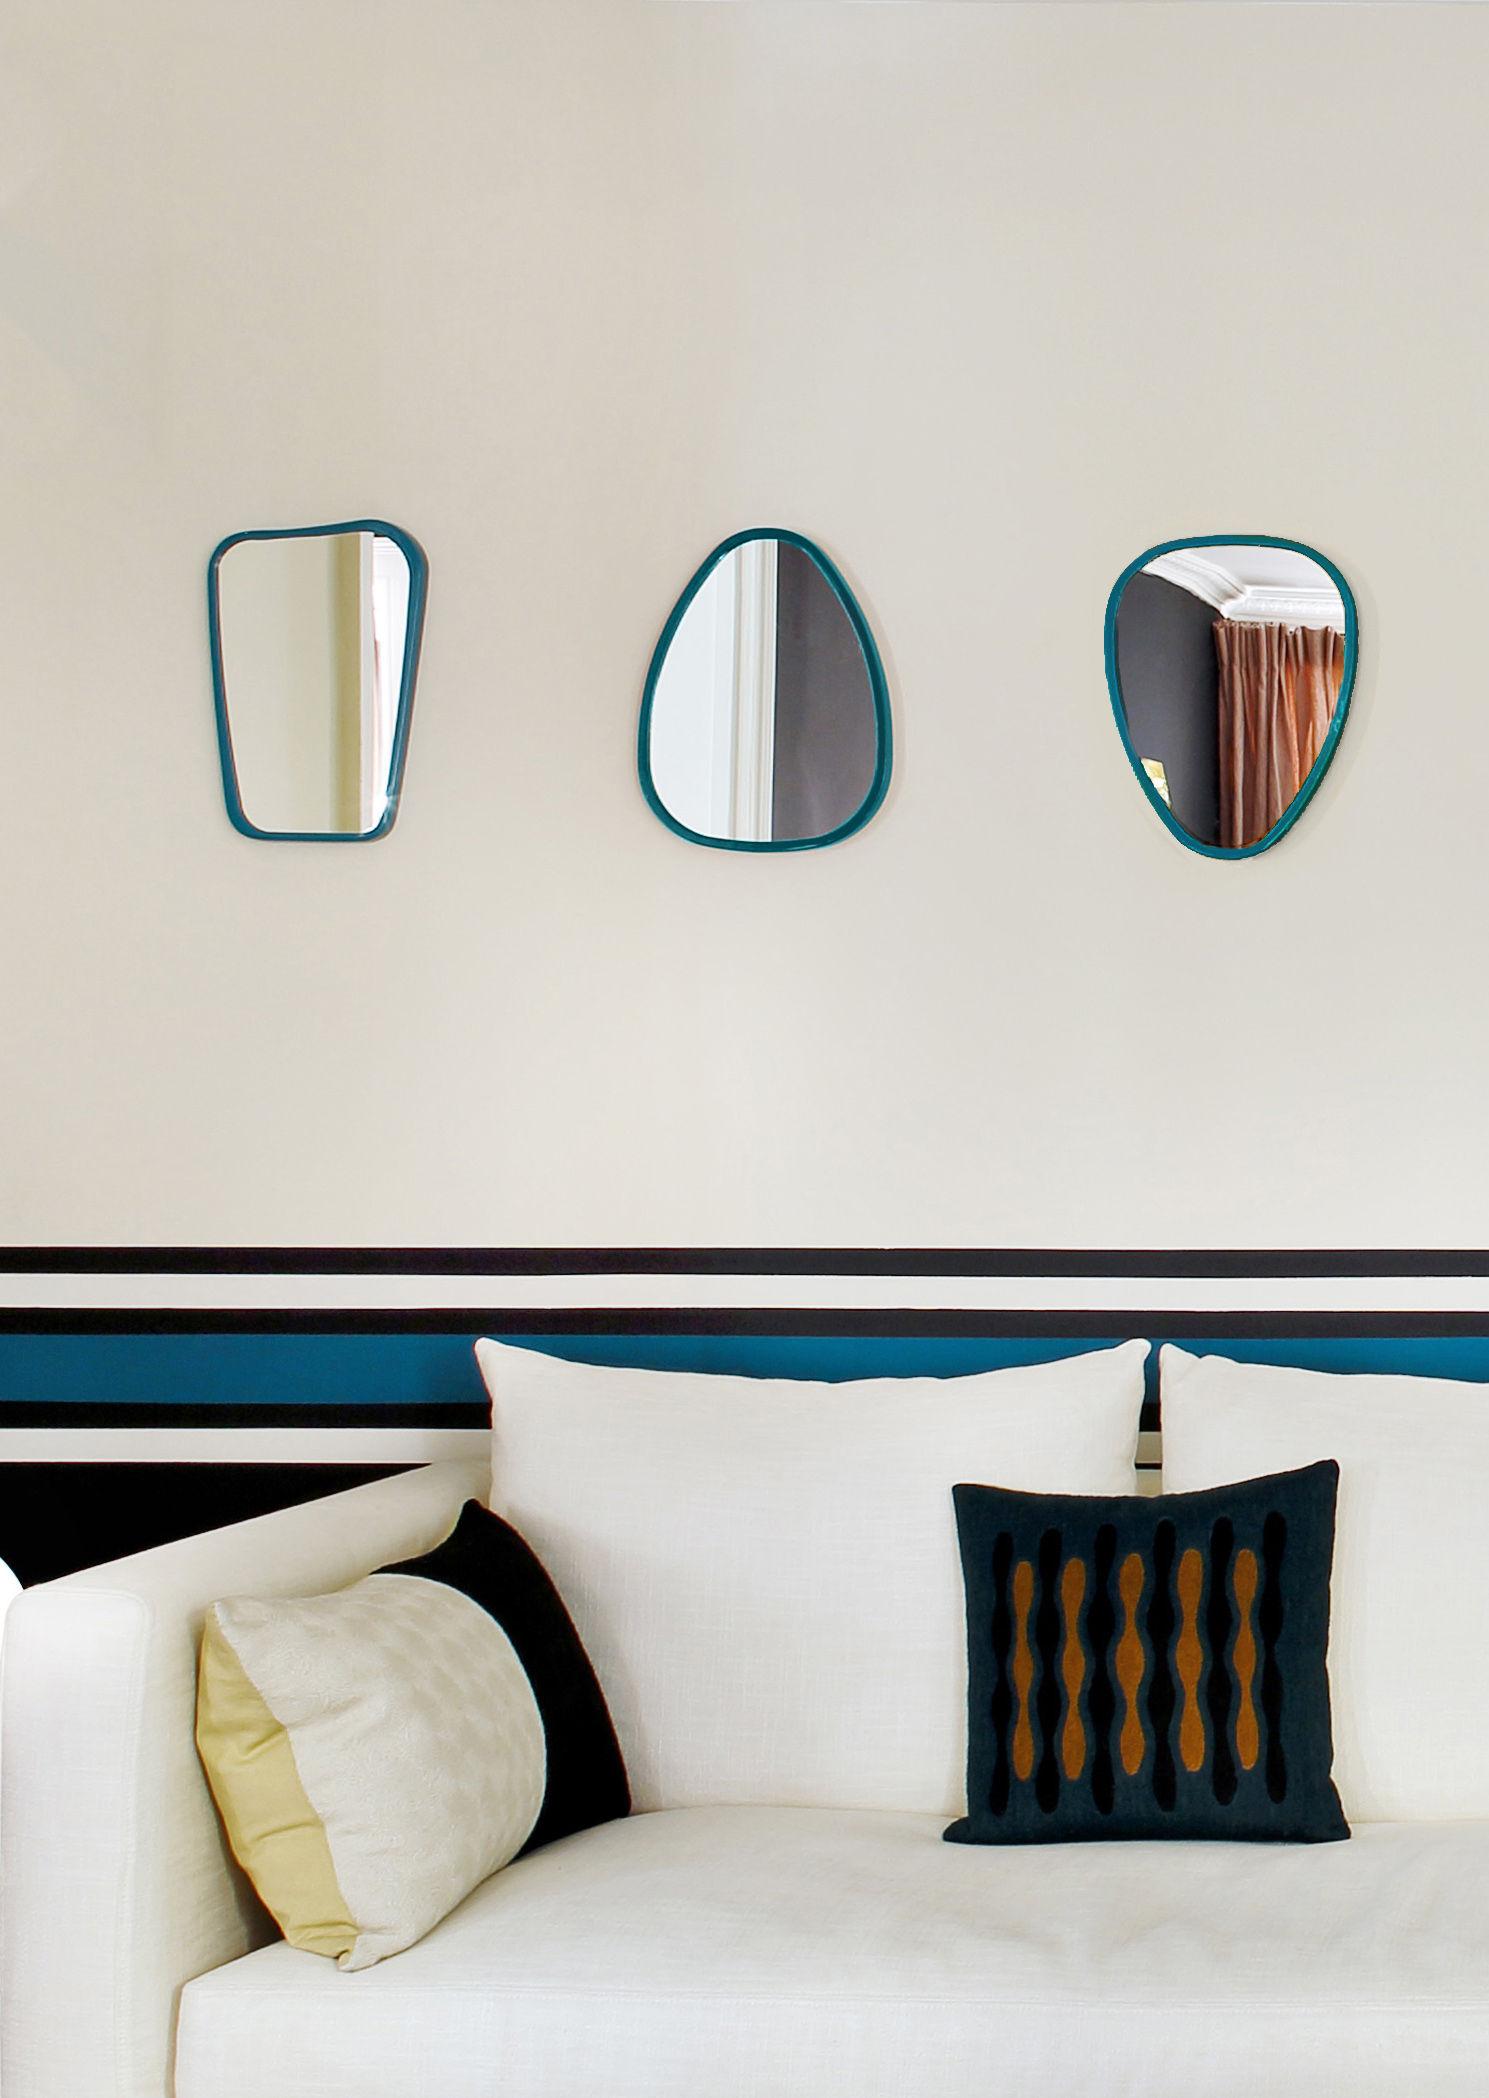 miroir mini me organique 35 x 23 4 cm bleu vintage maison sarah lavoine. Black Bedroom Furniture Sets. Home Design Ideas